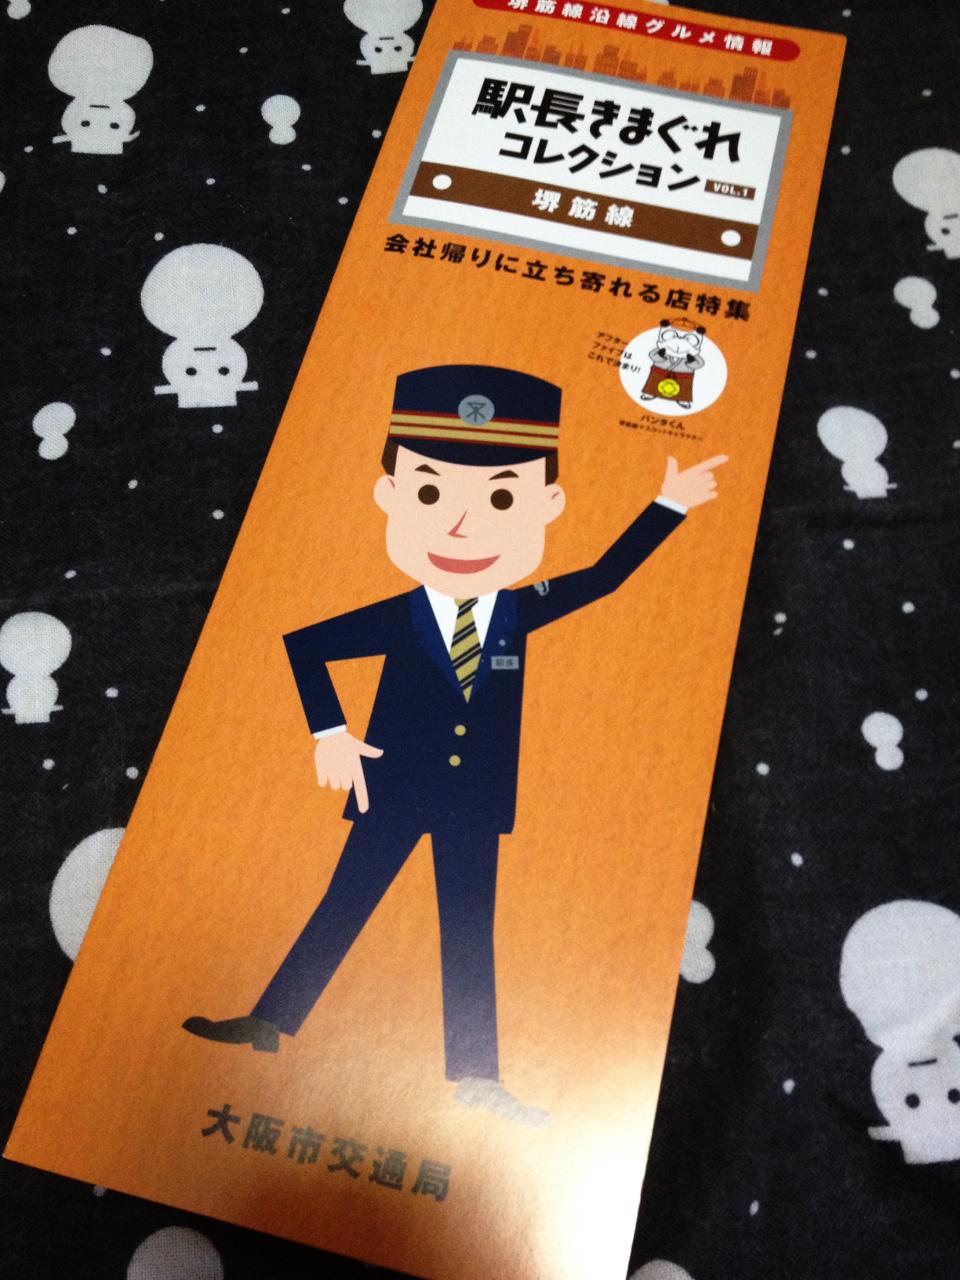 市営地下鉄堺筋線の駅長お薦めグルメ情報が面白い。